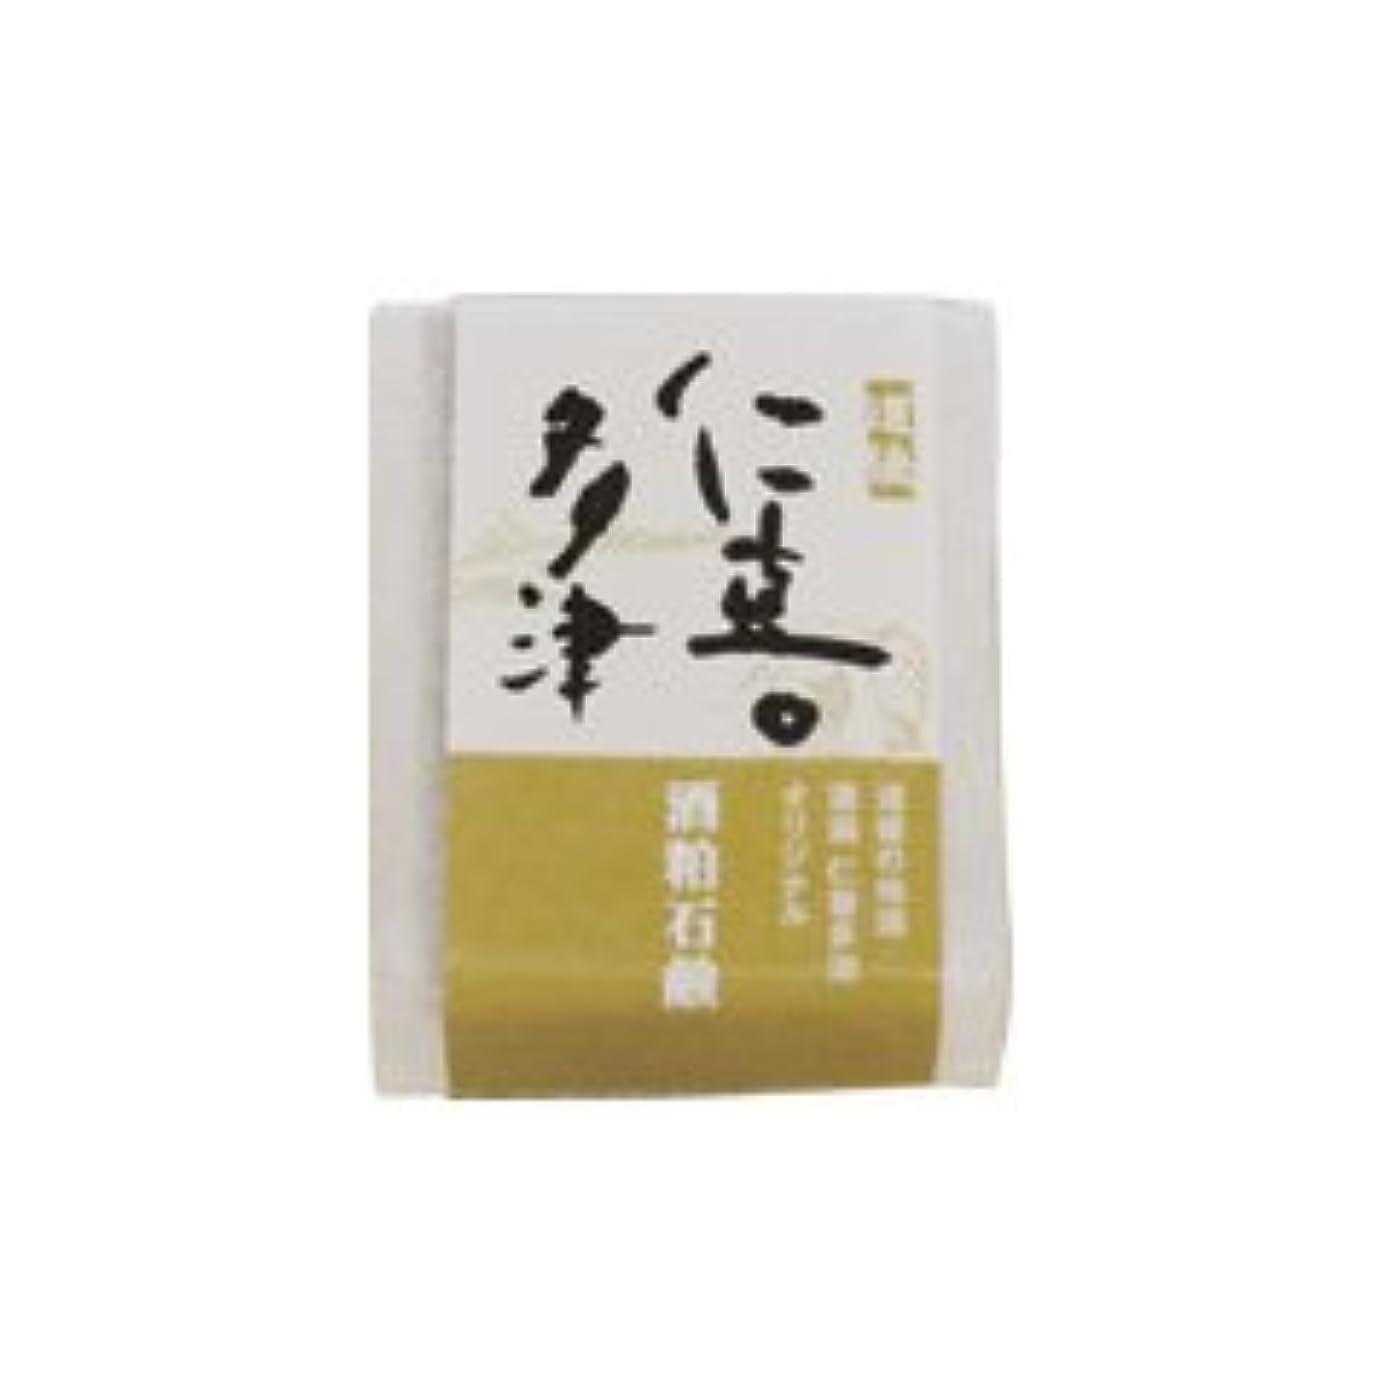 サージ保有者ぶら下がる仁喜多津 オリジナル 酒粕石鹸 60g